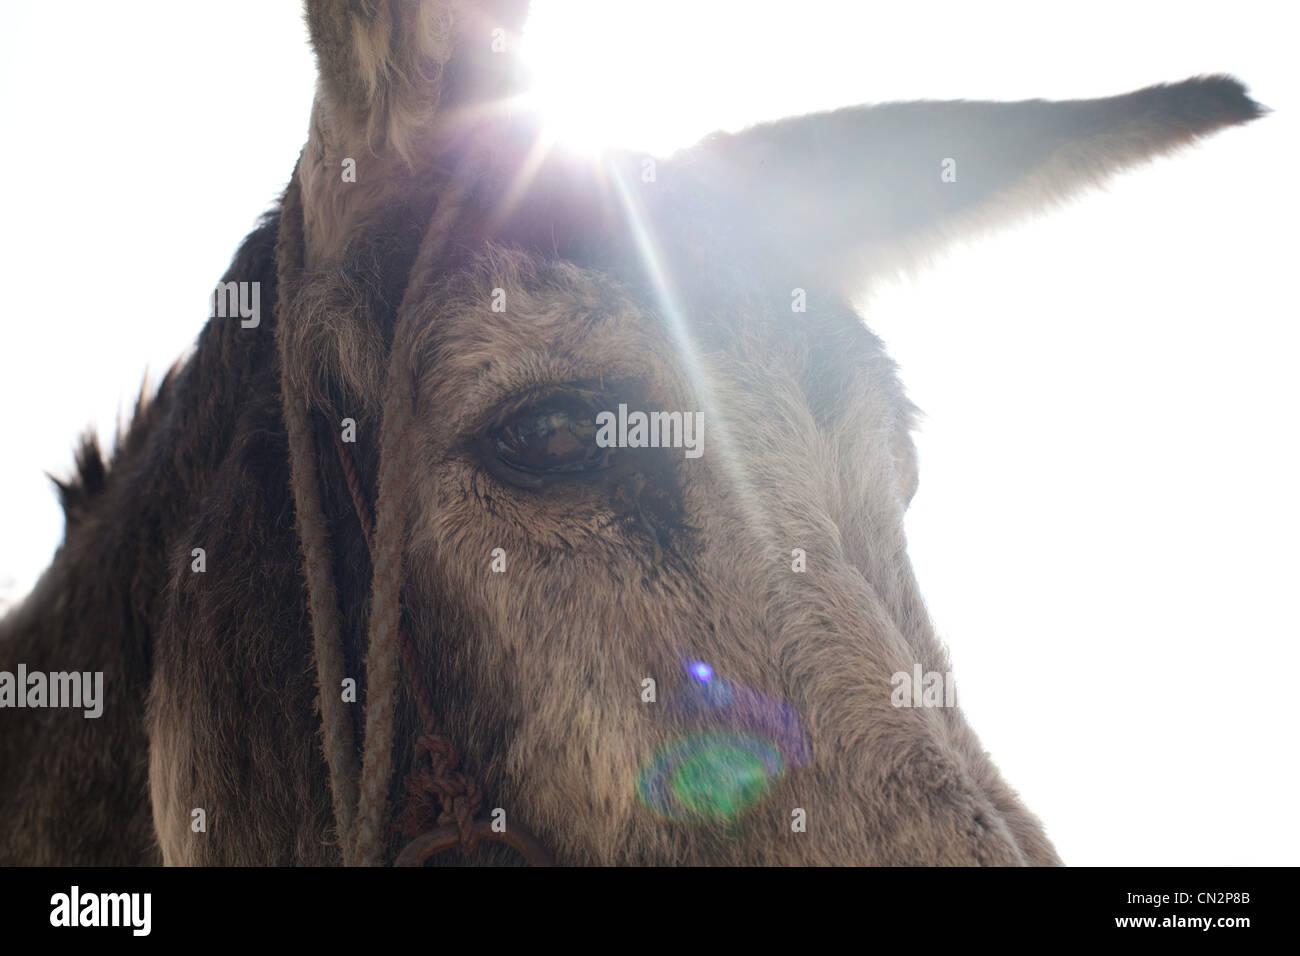 Cabeça do burro, fechar Imagens de Stock